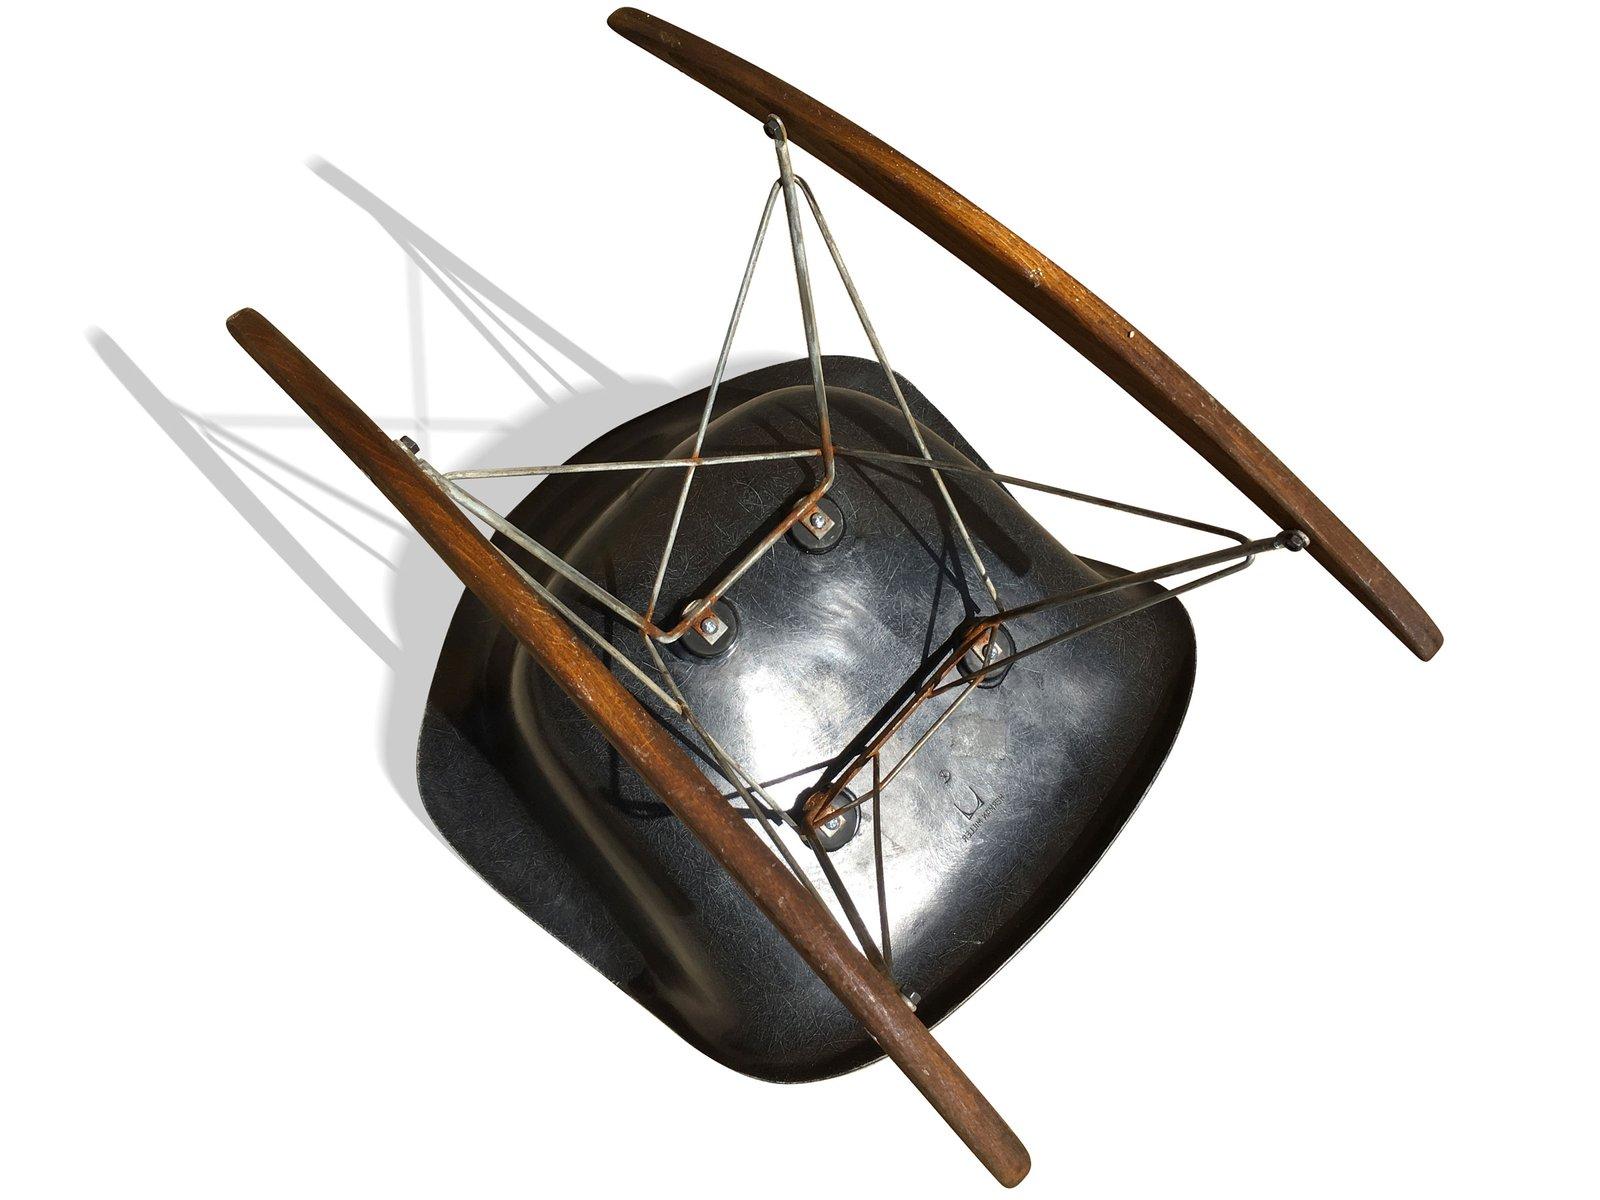 Fauteuil bascule rar par charles ray eames pour herman for Fauteuil bascule eames prix